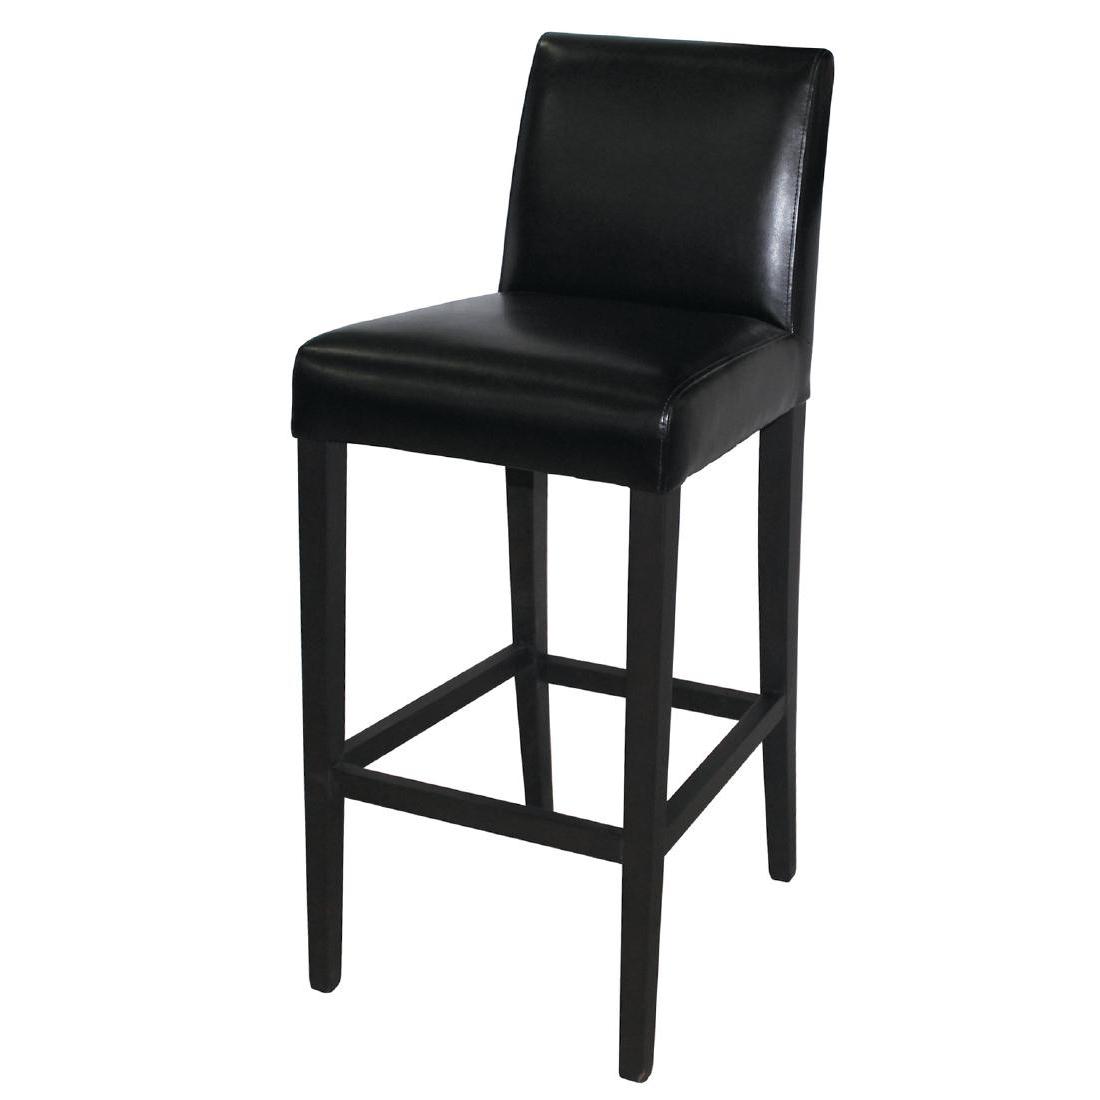 Tabouret de bar haut avec dossier en simili cuir noir